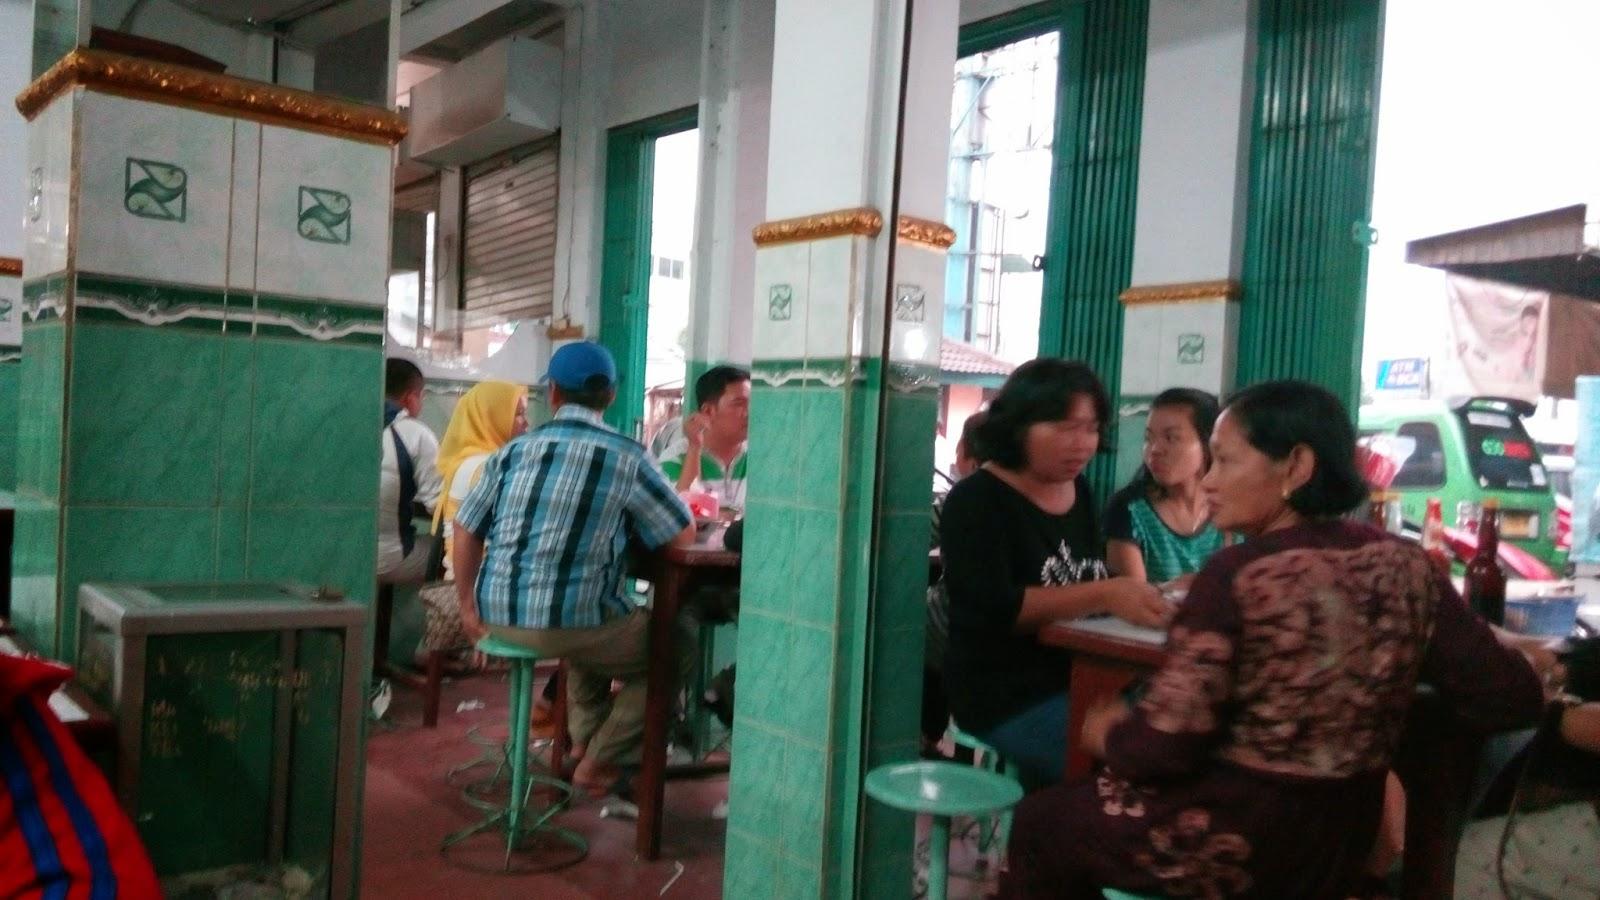 tempat makan bakso yang ramai di cibinong